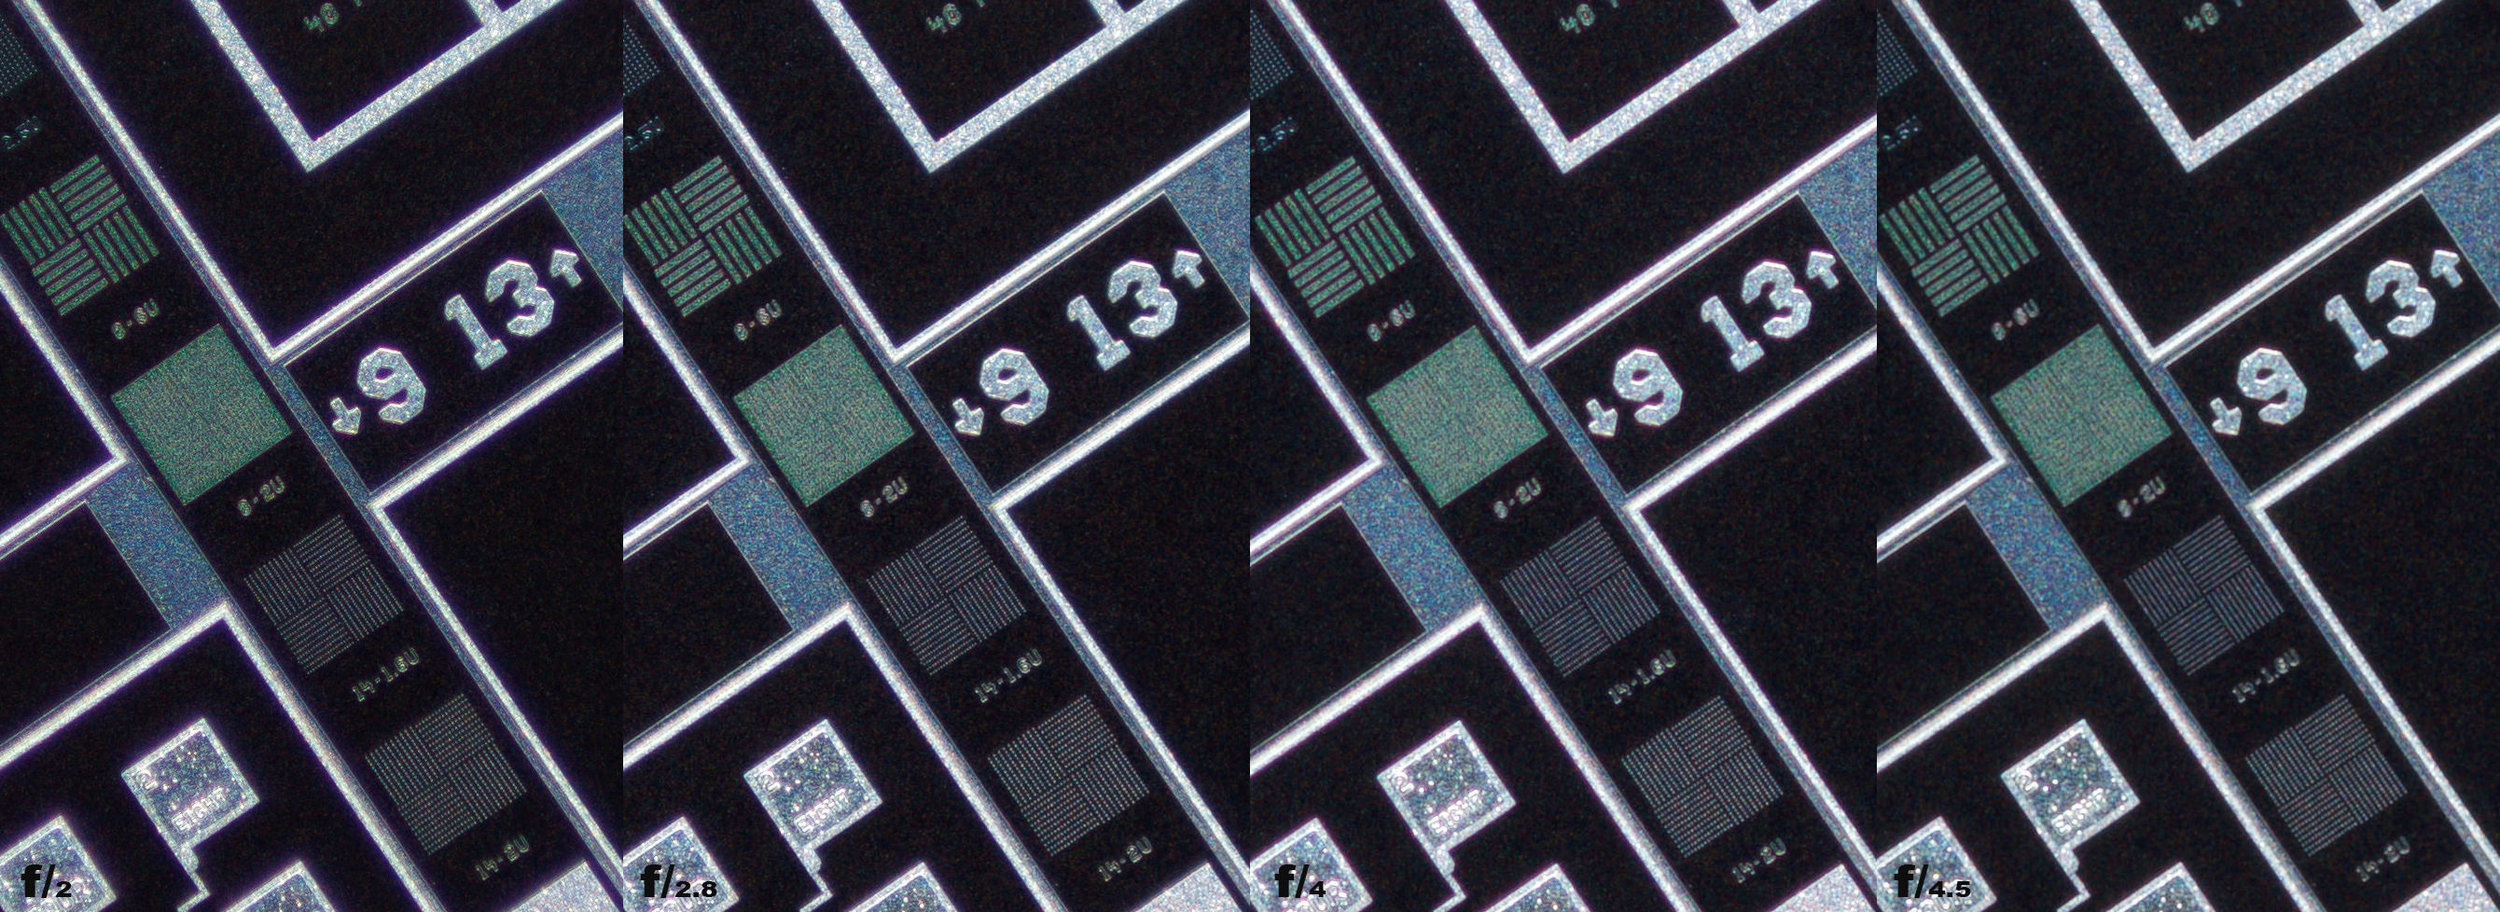 Schneider Kreuznach 28mm f/2 Xenon 100% center crops from f/2 to f/4.5